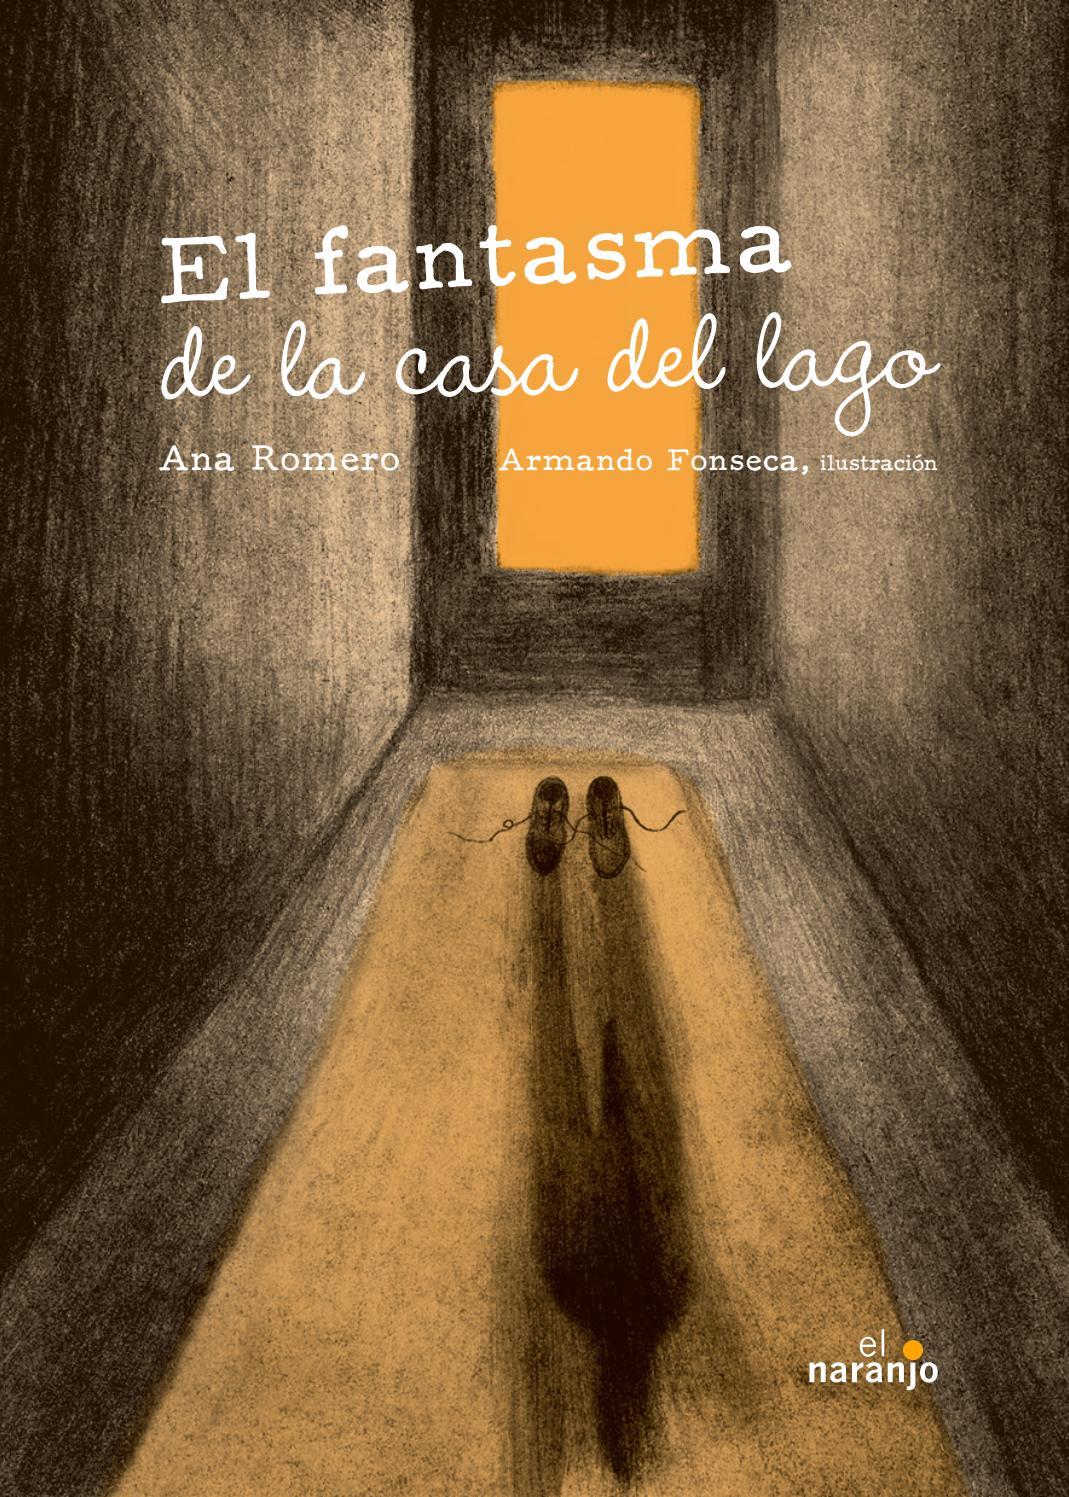 Portada de El fantasma de la casa del lago de Ana Romero con ilustraciones de Armando Fonseca